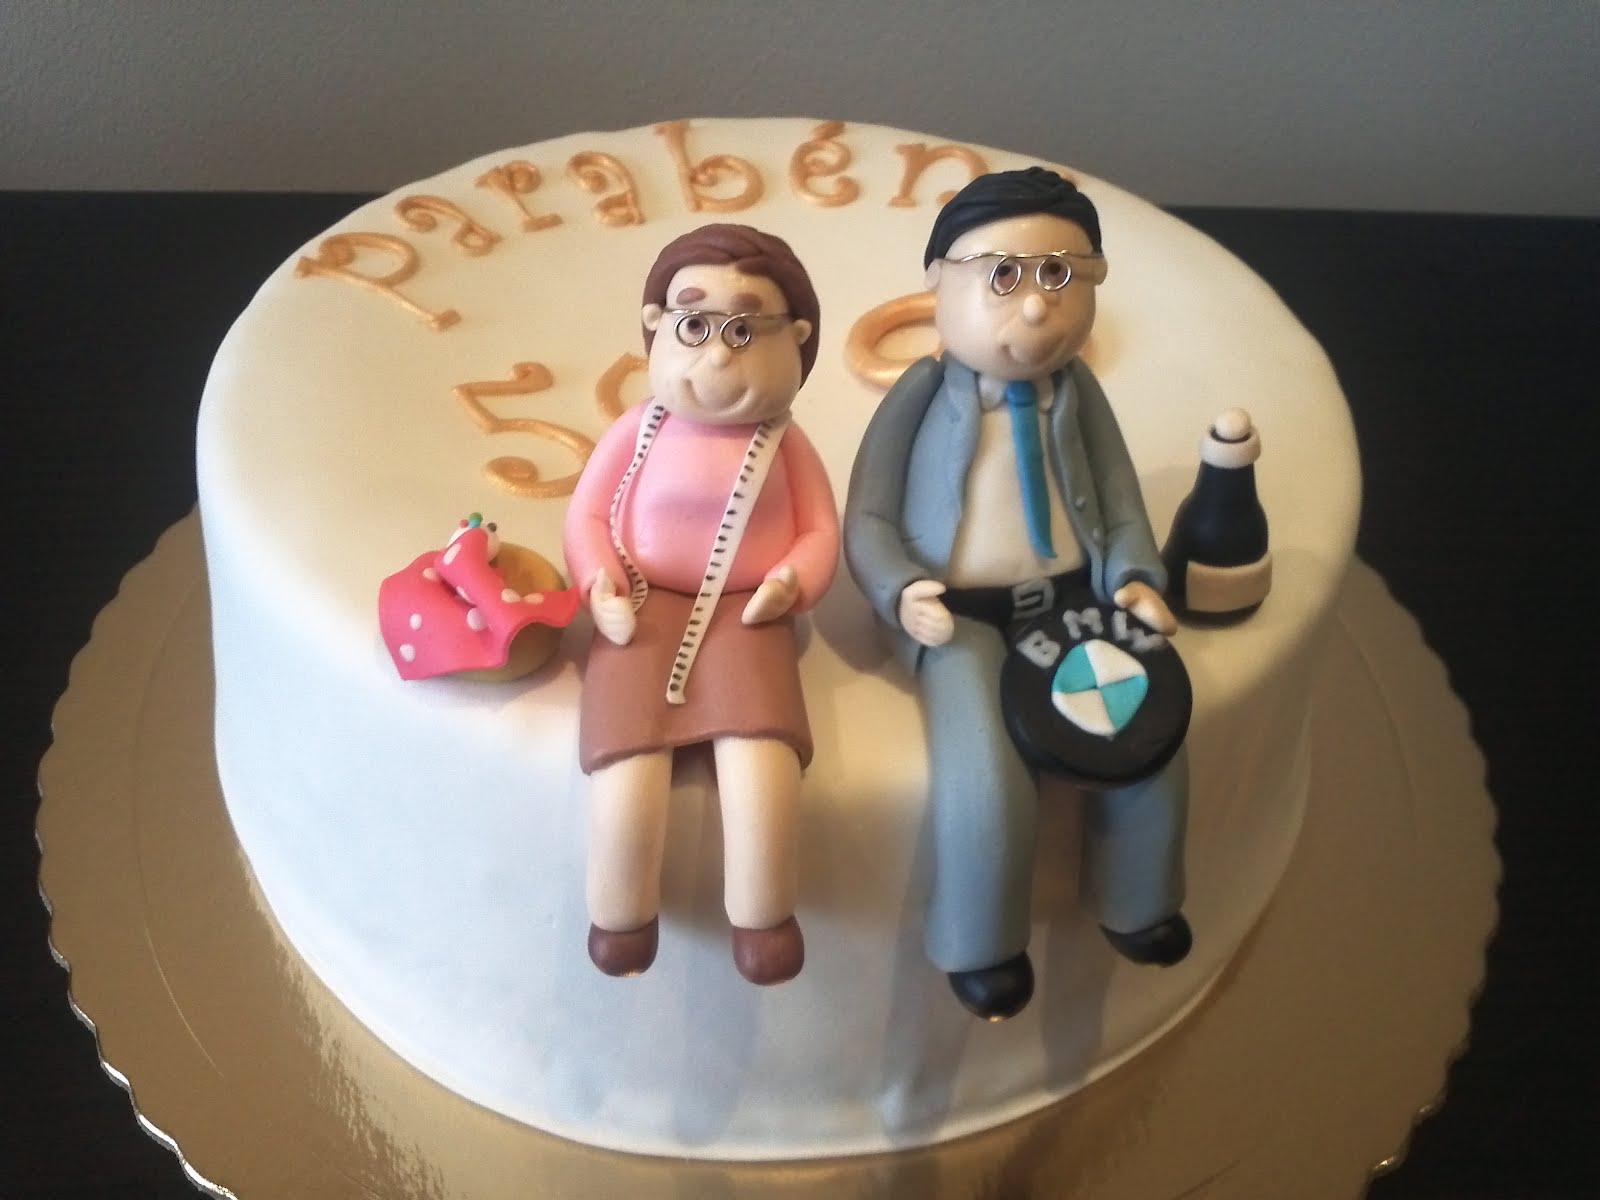 Bolinhos 3d bolo 50 anos de casados - Regalos 50 anos de casados ...